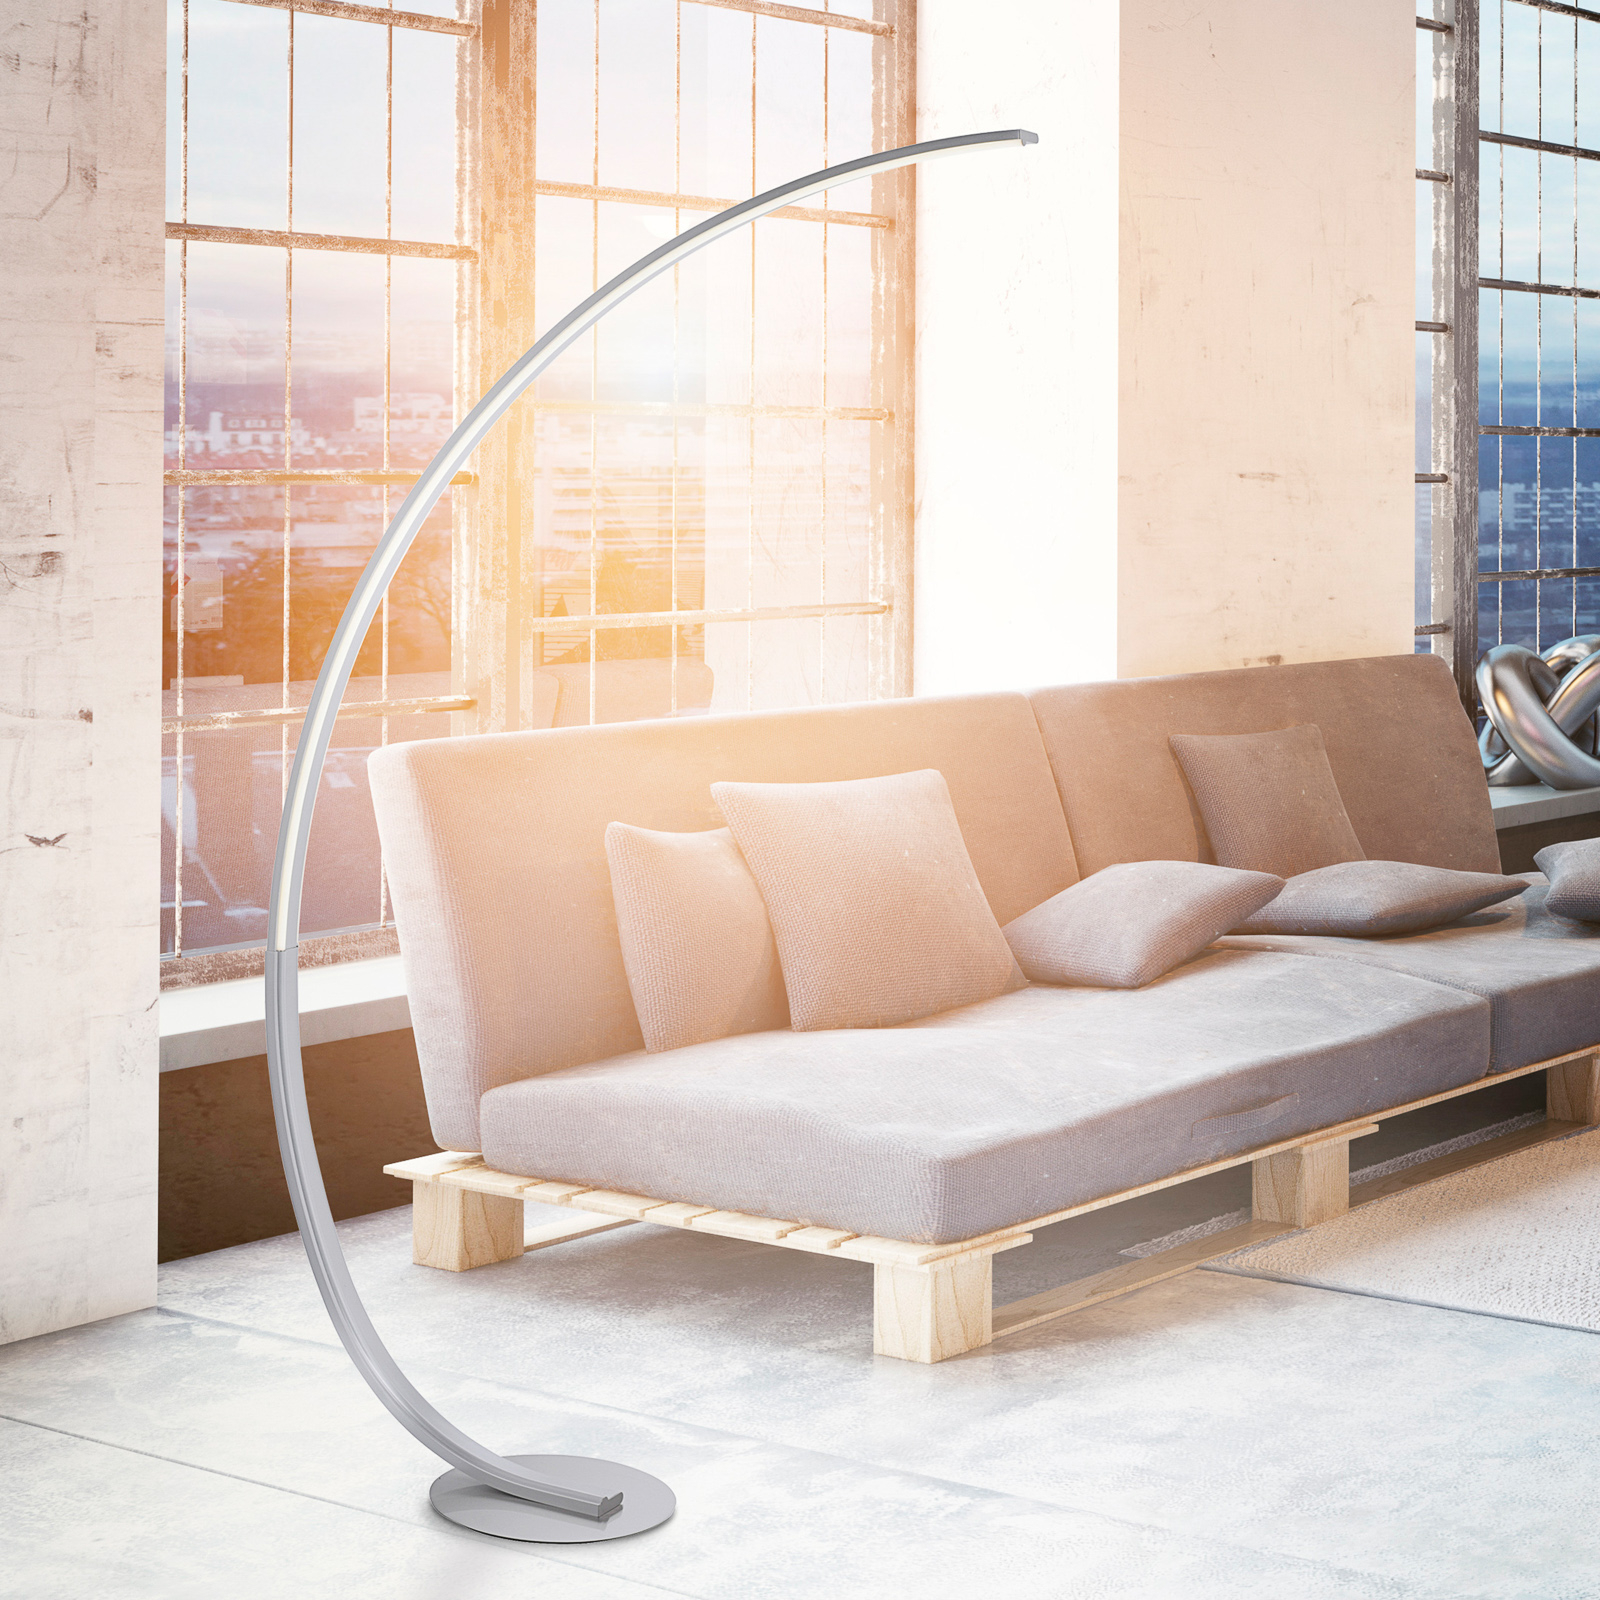 Paul Neuhaus Q-VITO LED stojací lampa